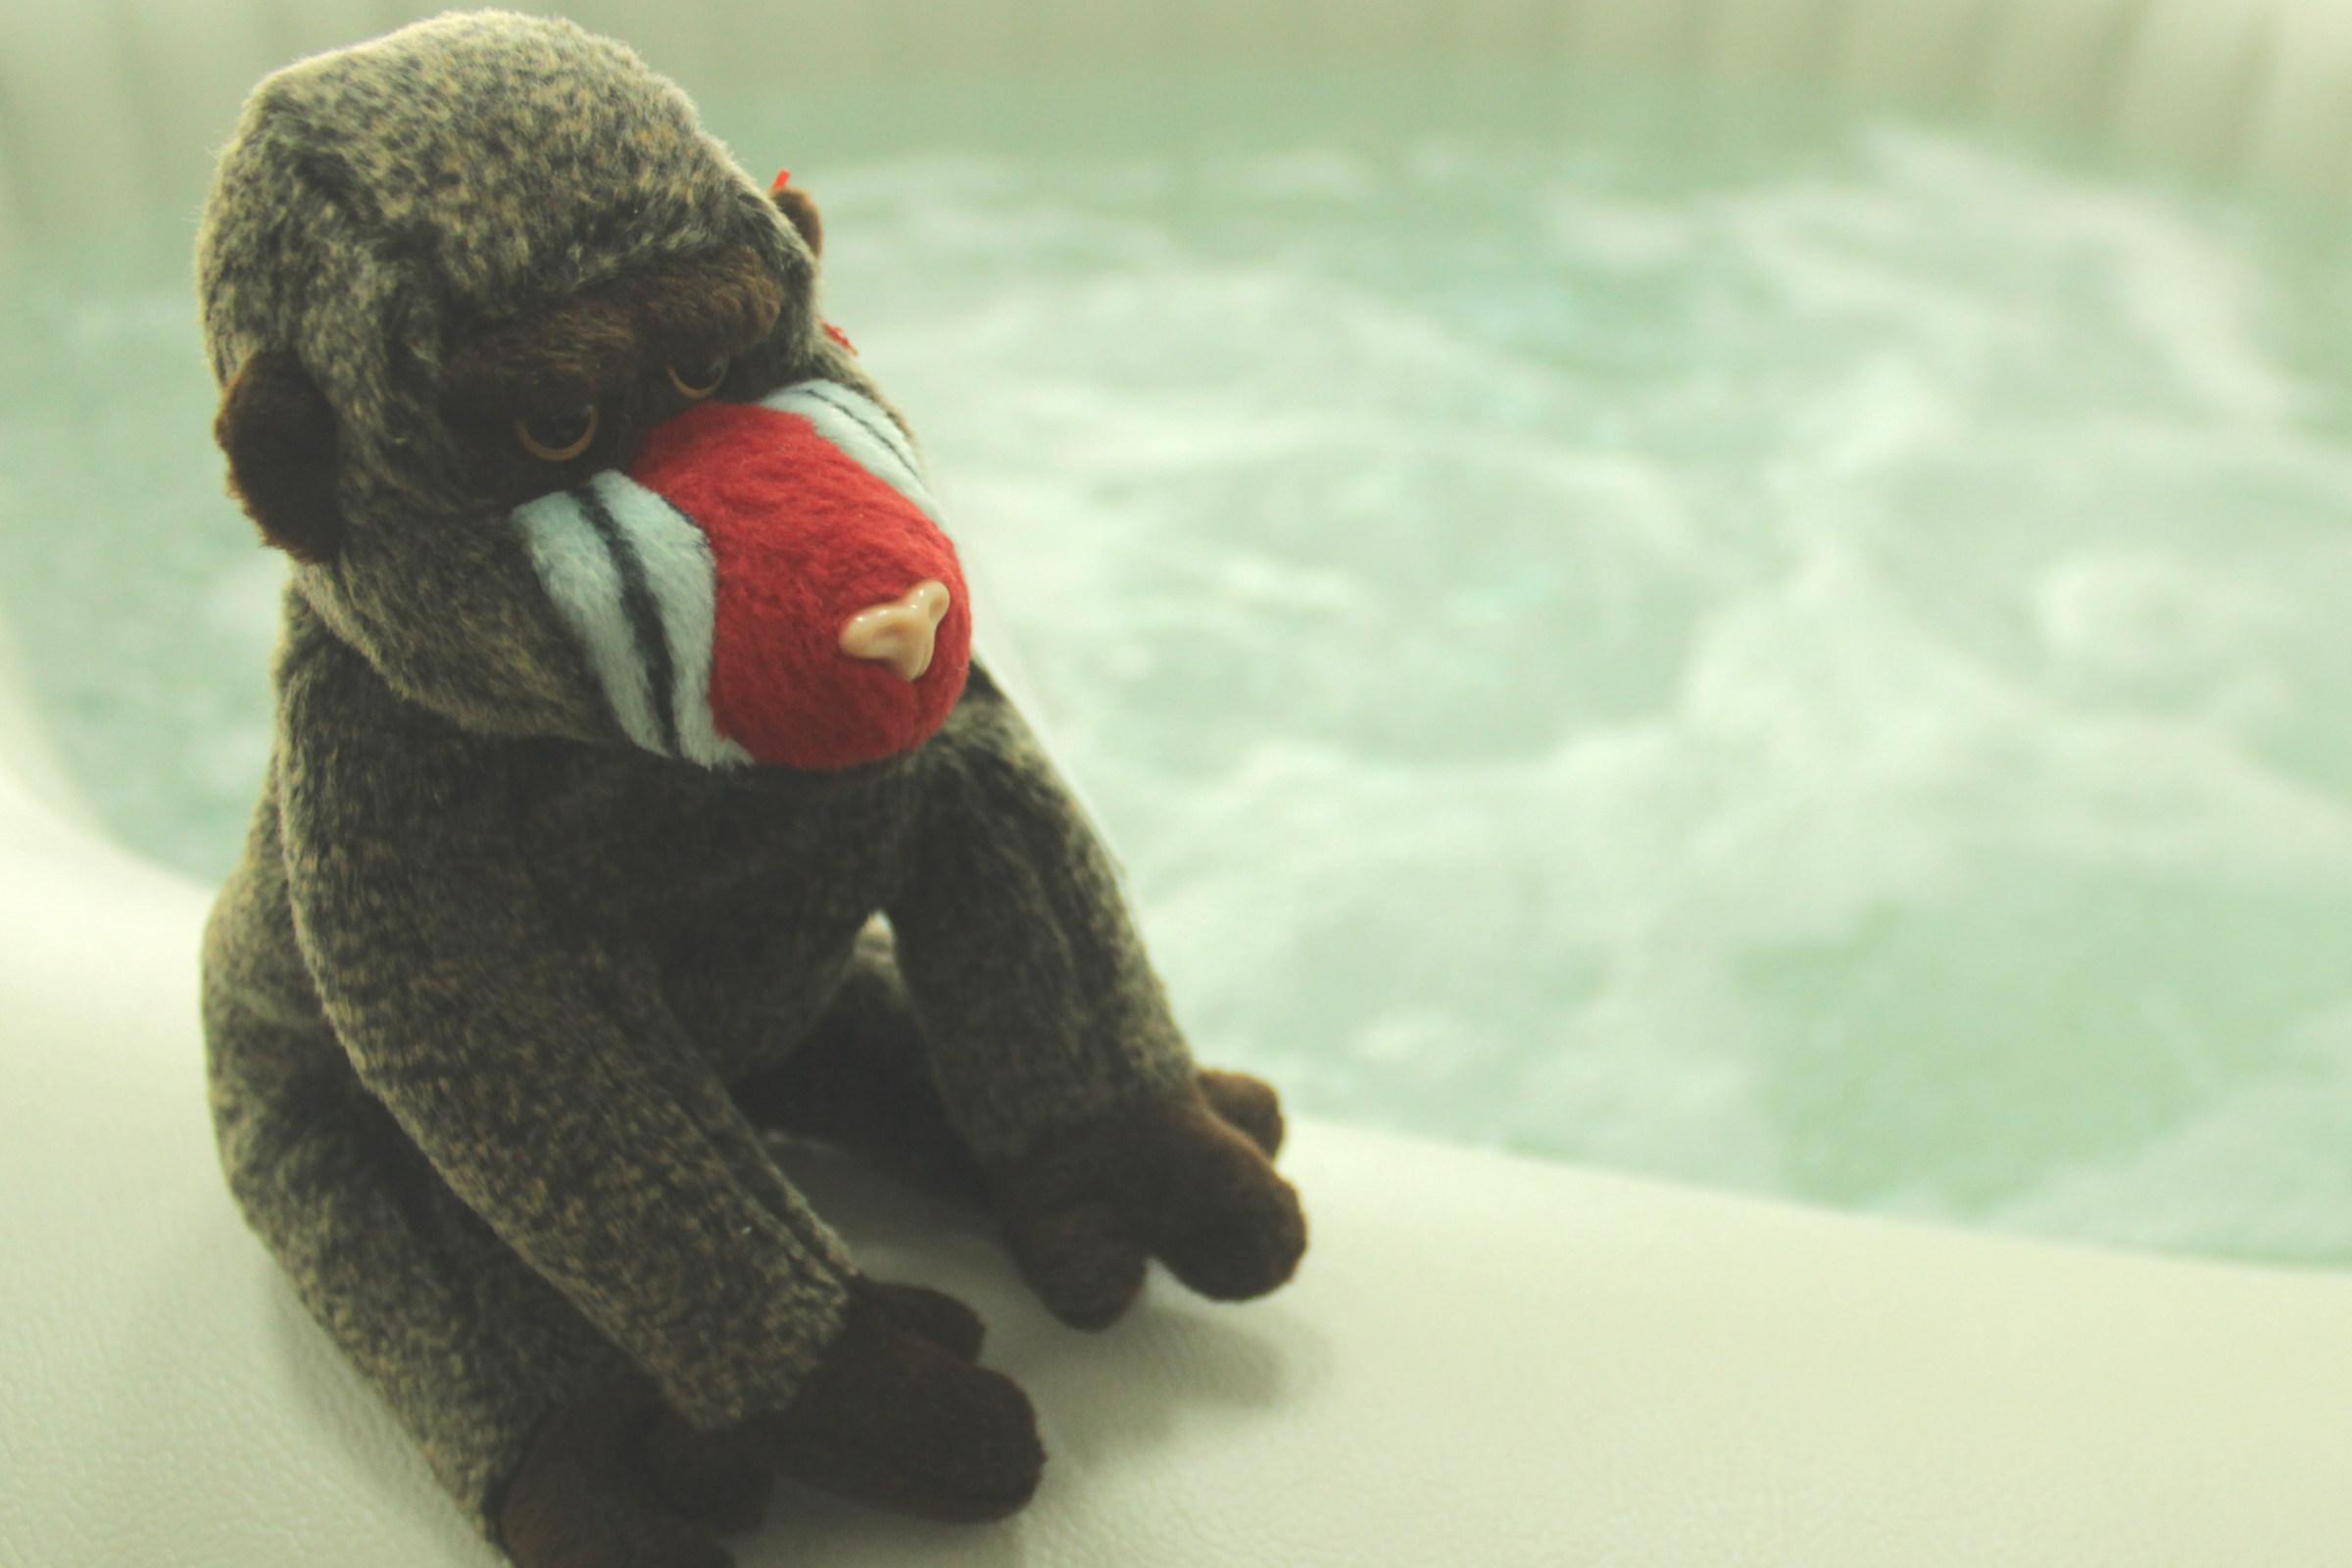 อ่างน้ำวนจากุซซี่เคลื่อนที่ อ่างน้ำสปา อ่างน้ำวน ลิงแช่น้ำในอ่างน้ำร้อน จากุซซี่โรงแรม อ่างน้ำรีสอร์ท แช่น้ำพักผ่อน